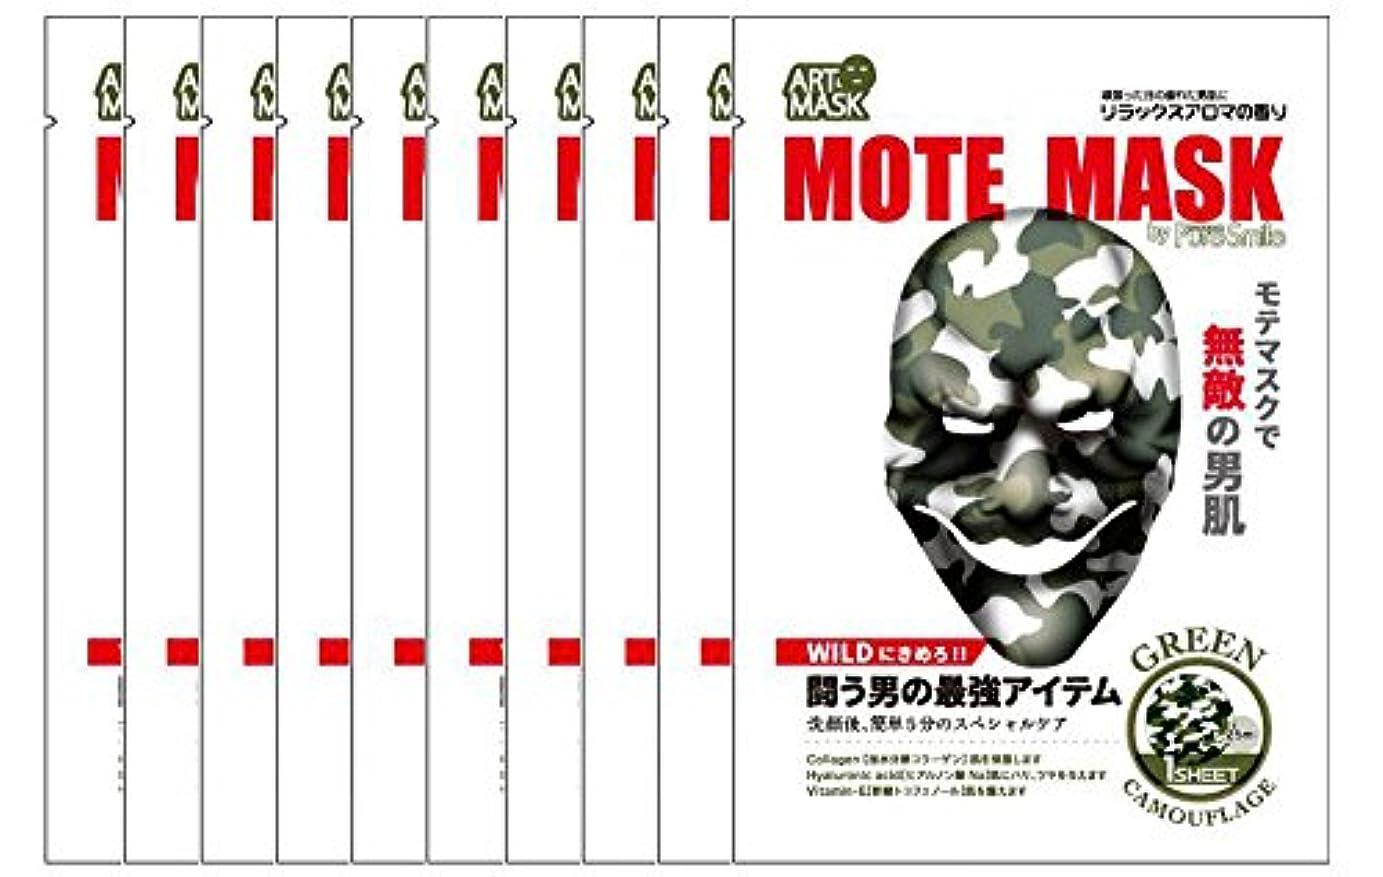 ピュアスマイル アートマスク モテマスク MA-01 リラックスアロマの香り 1枚入り ×10セット